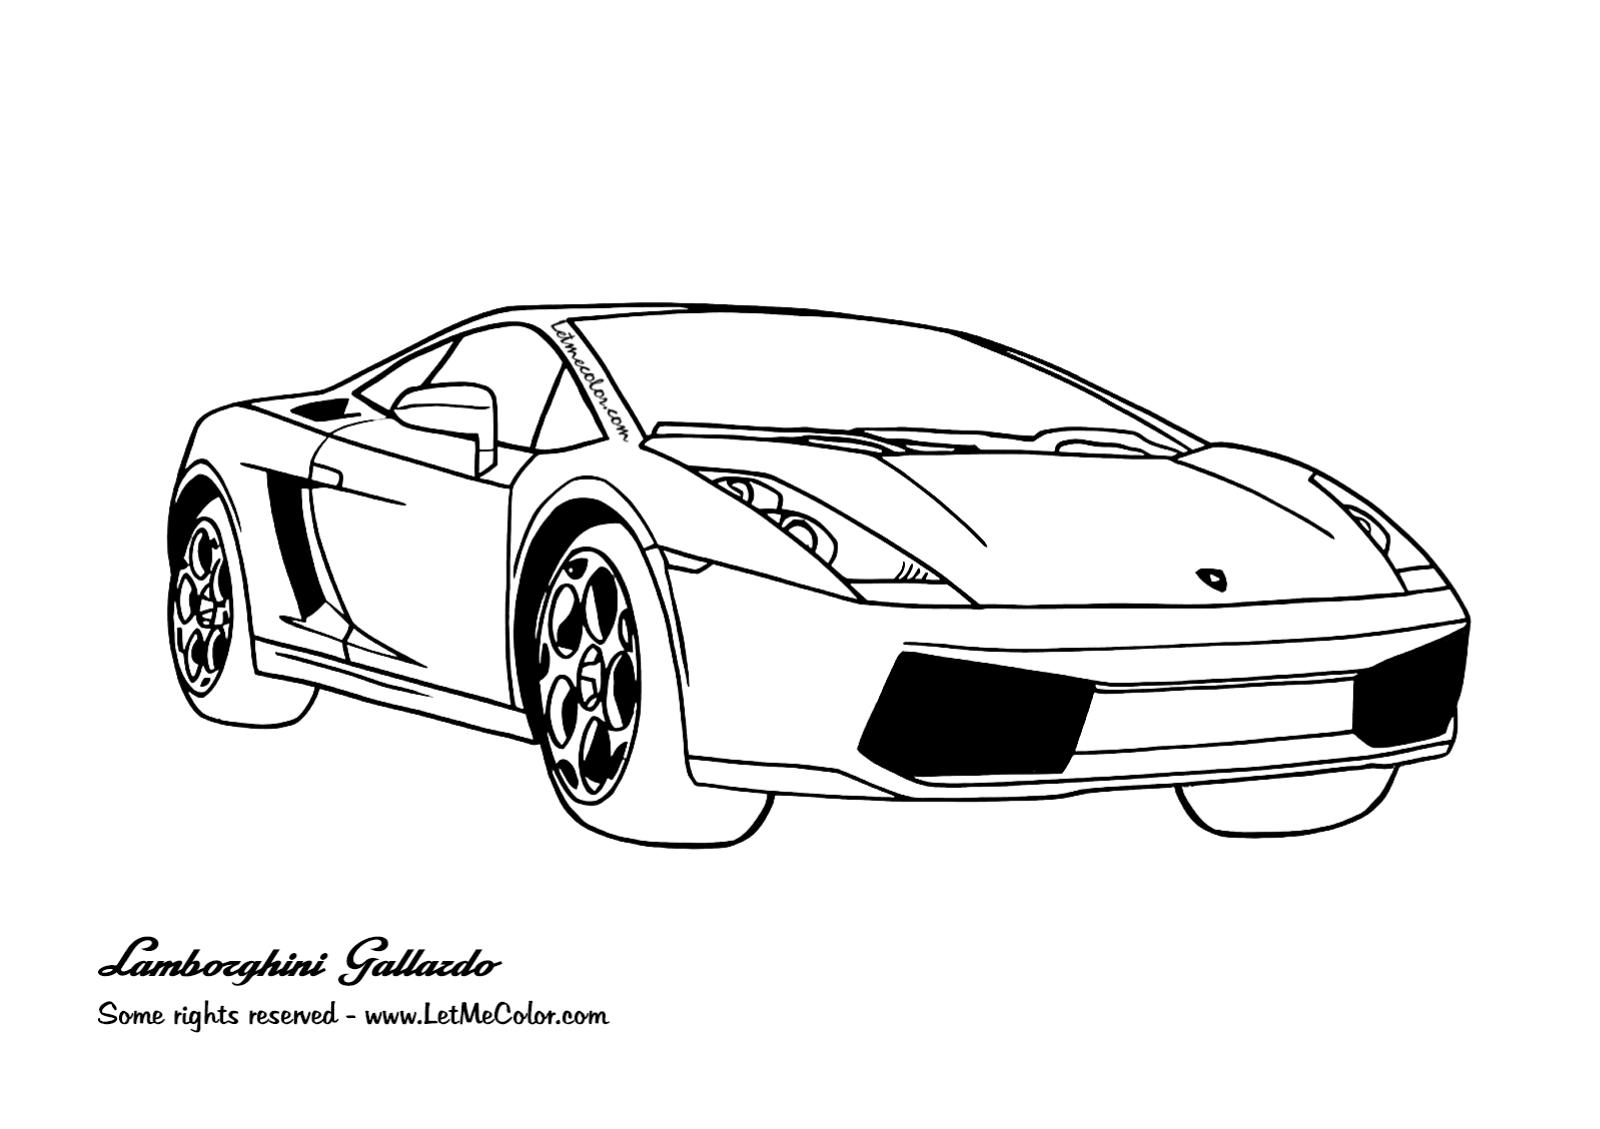 Cars Letmecolor